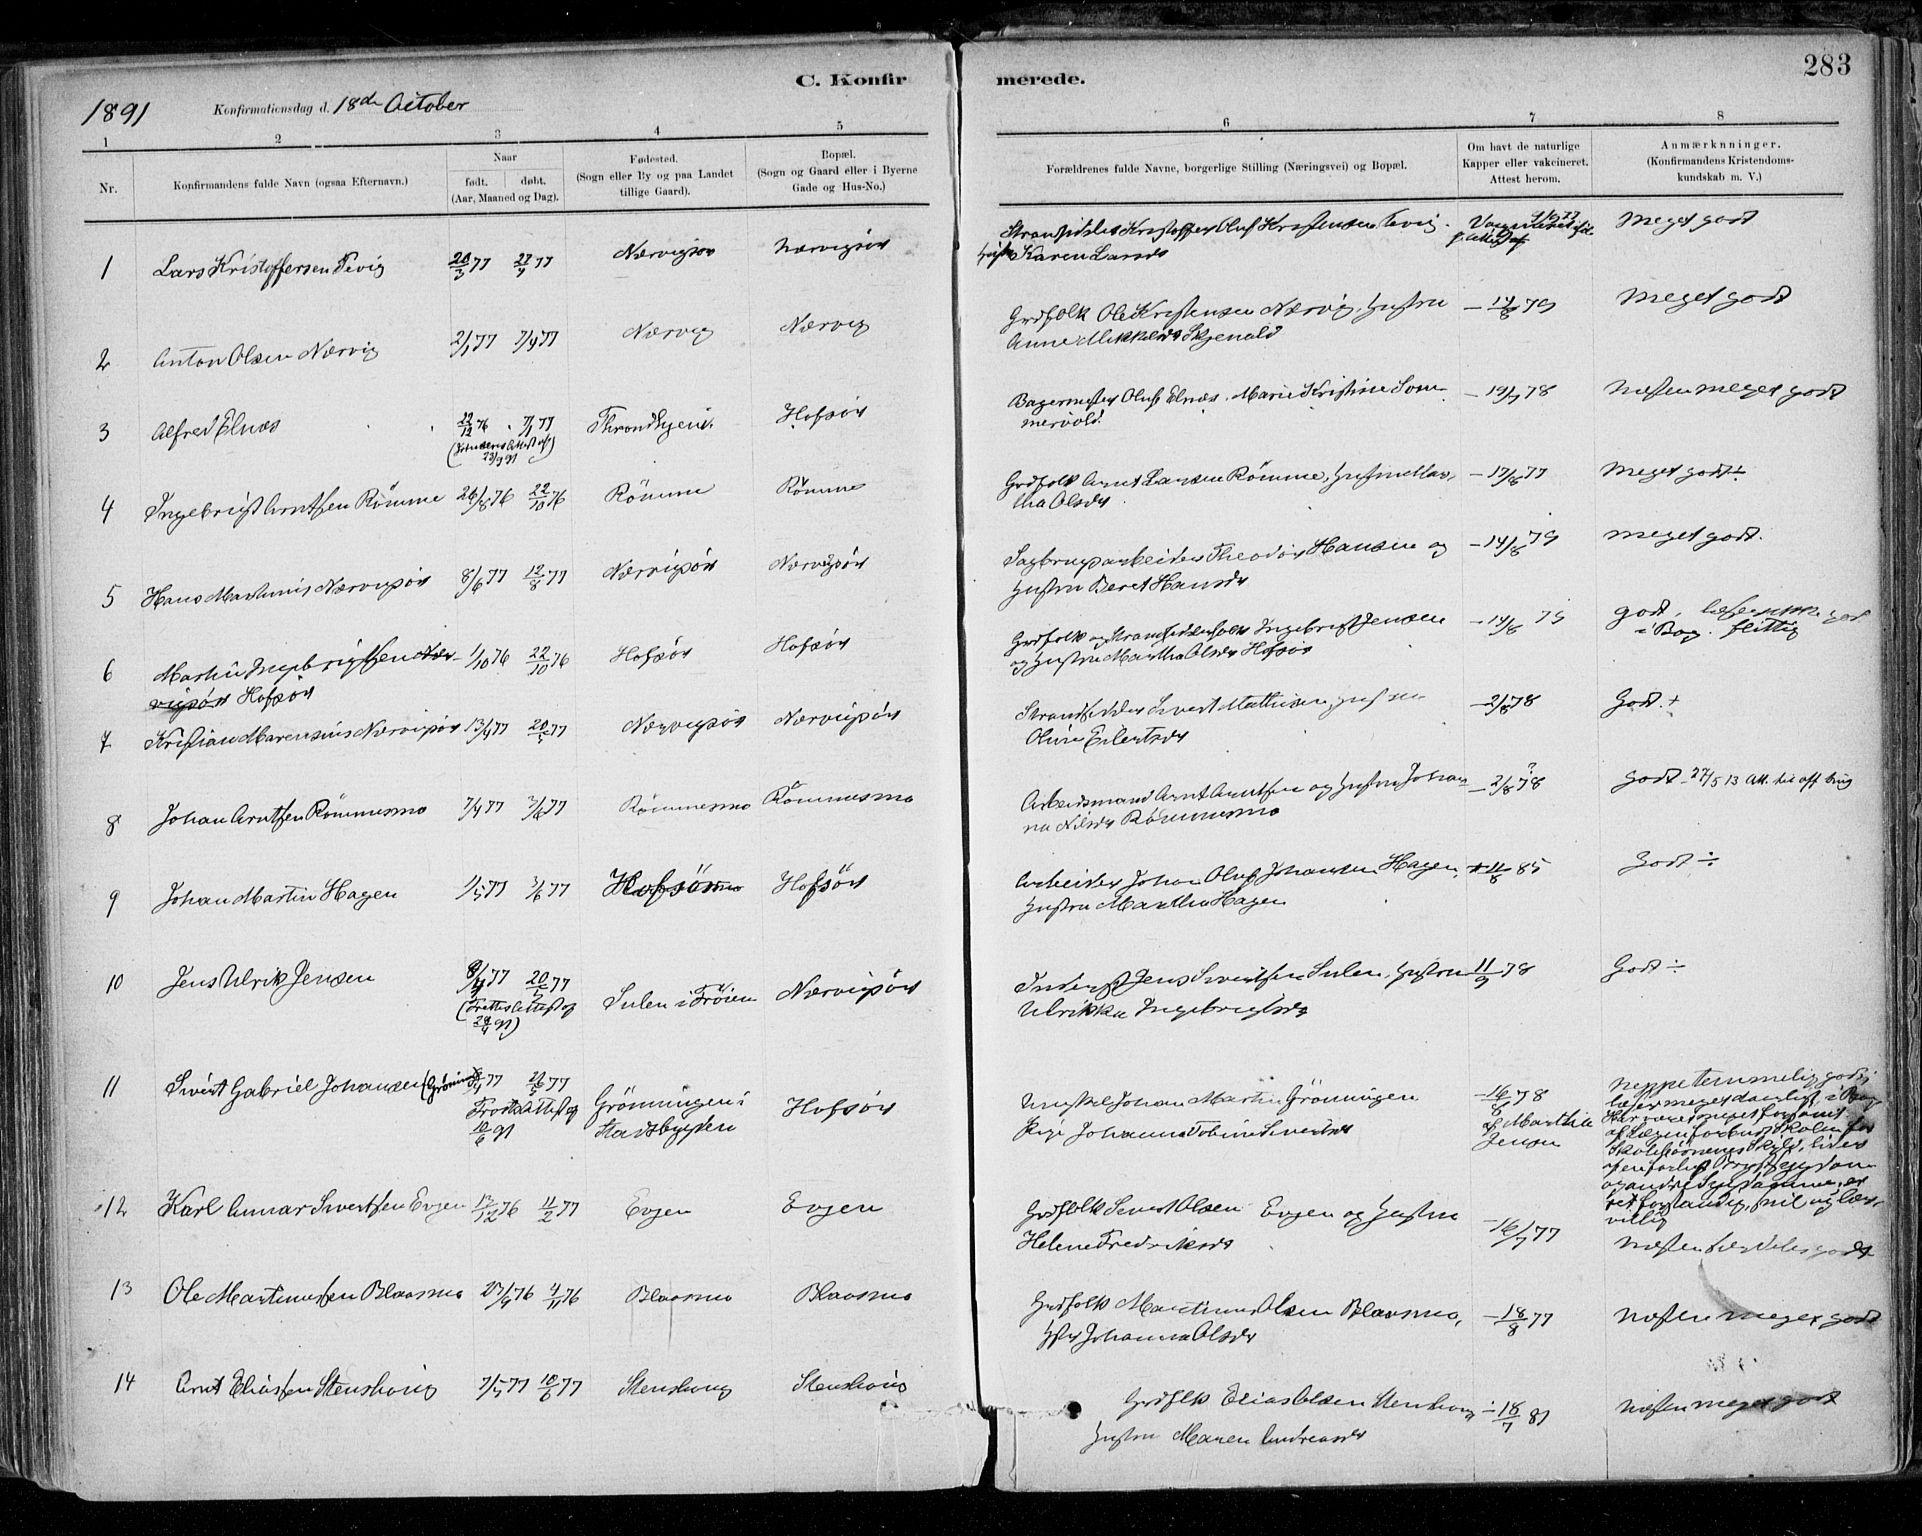 SAT, Ministerialprotokoller, klokkerbøker og fødselsregistre - Sør-Trøndelag, 668/L0809: Ministerialbok nr. 668A09, 1881-1895, s. 283